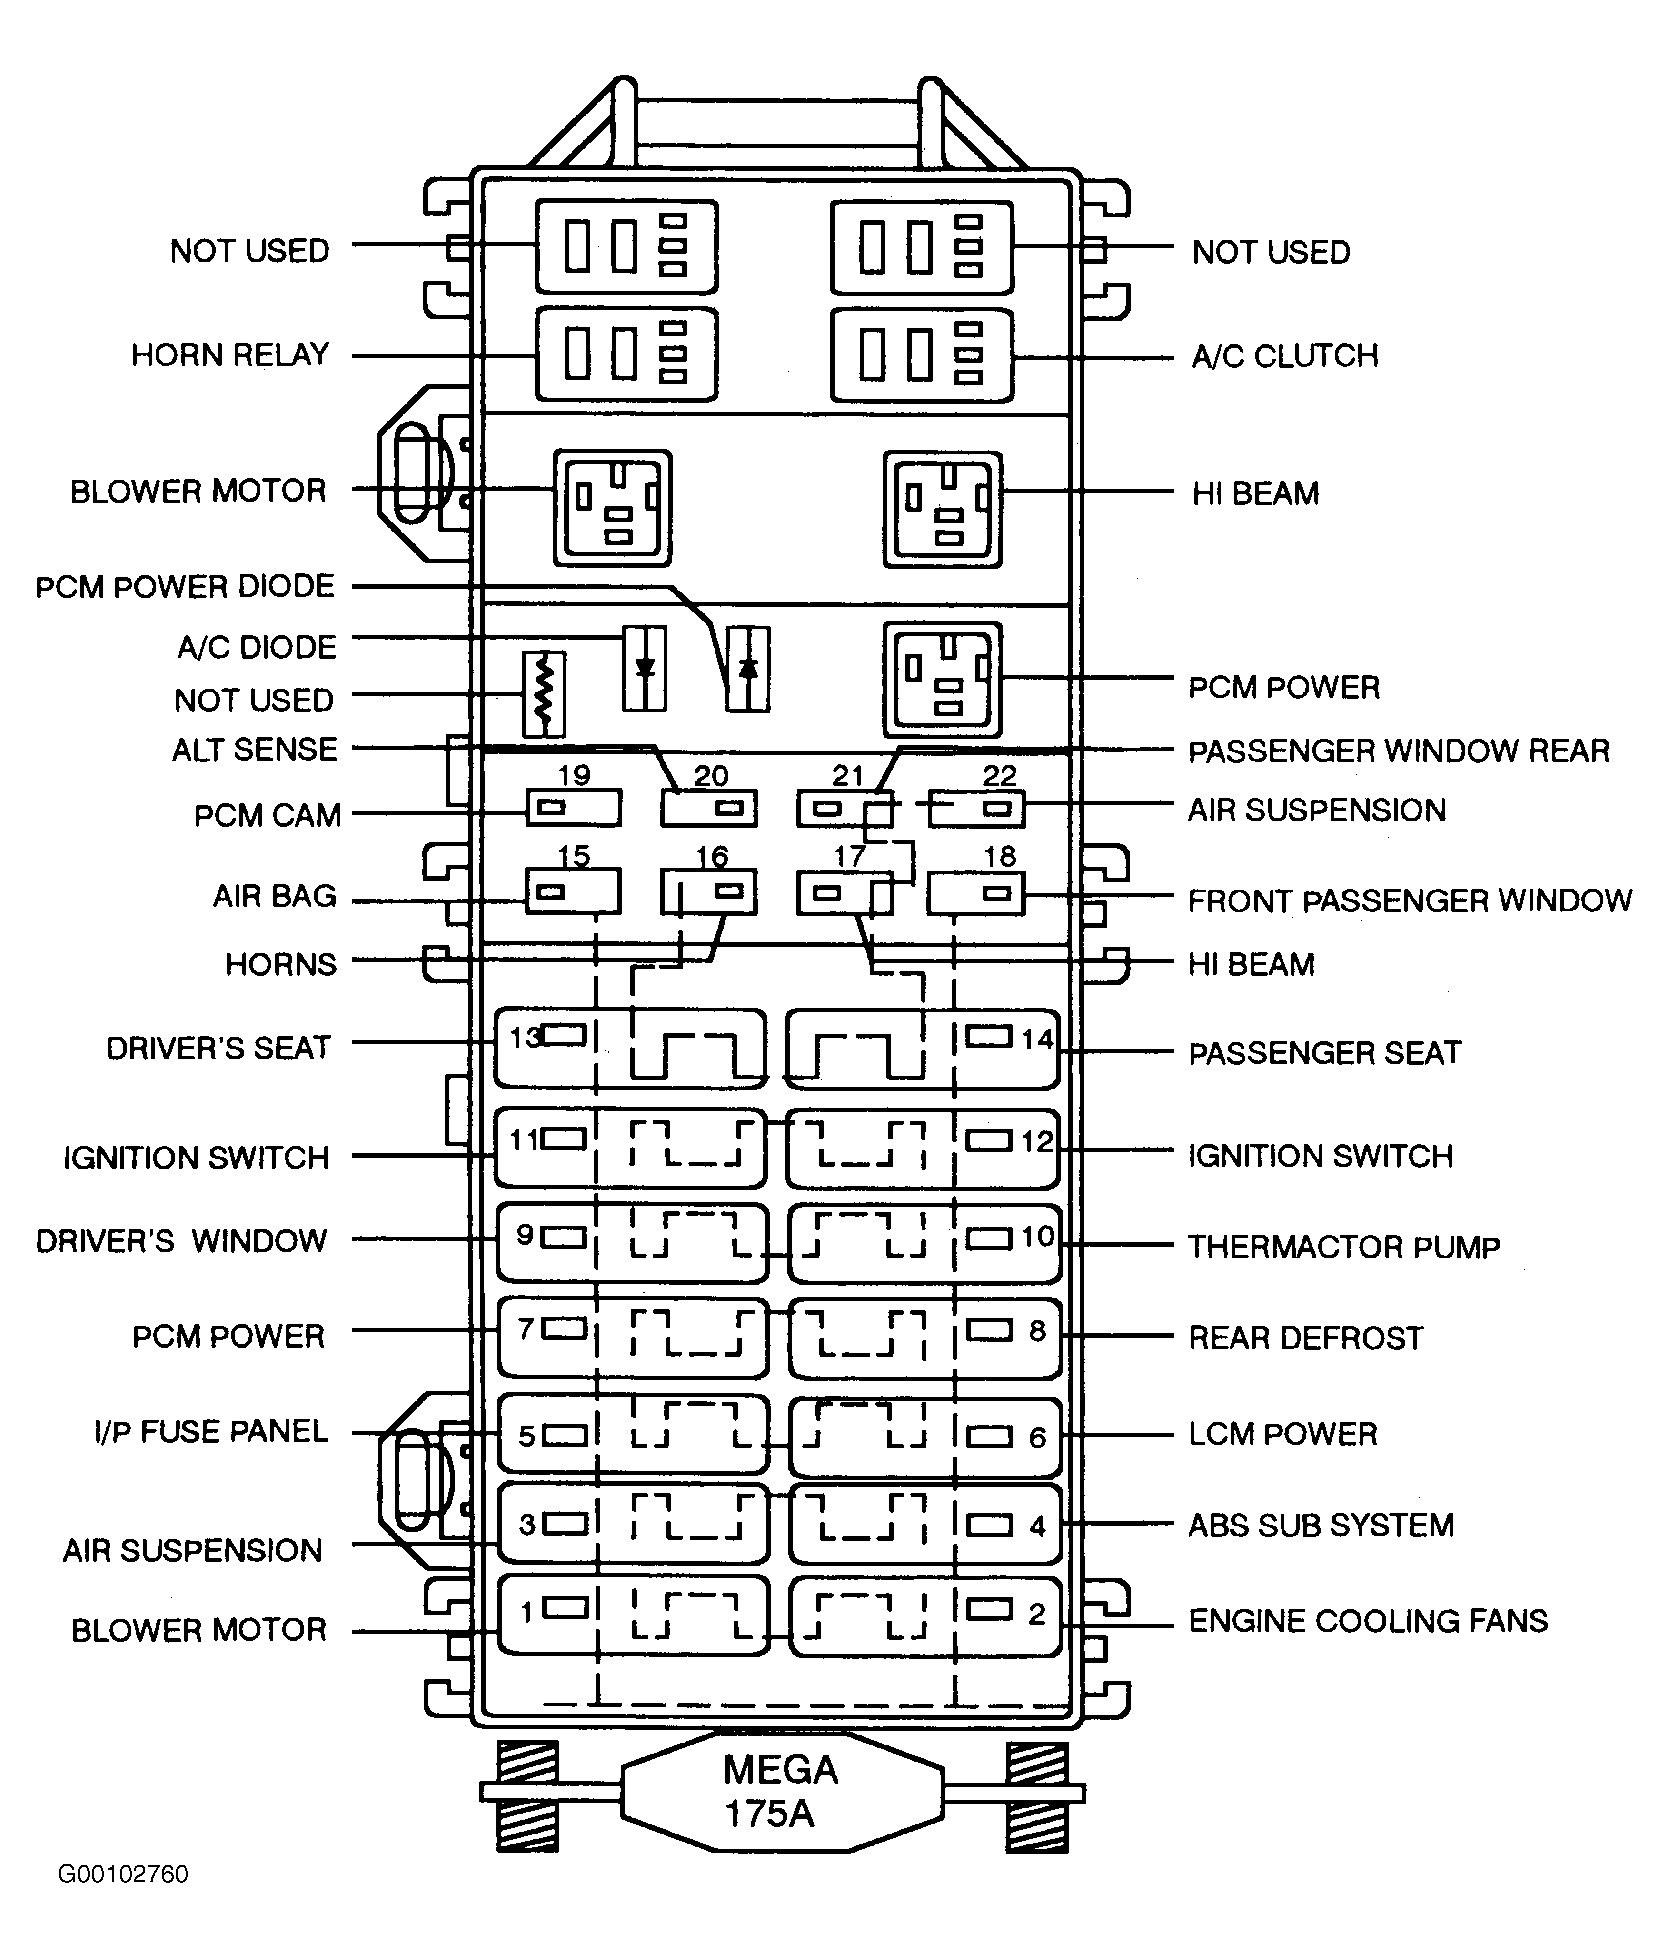 2005 Lincoln Town Car Fuse Box Diagram